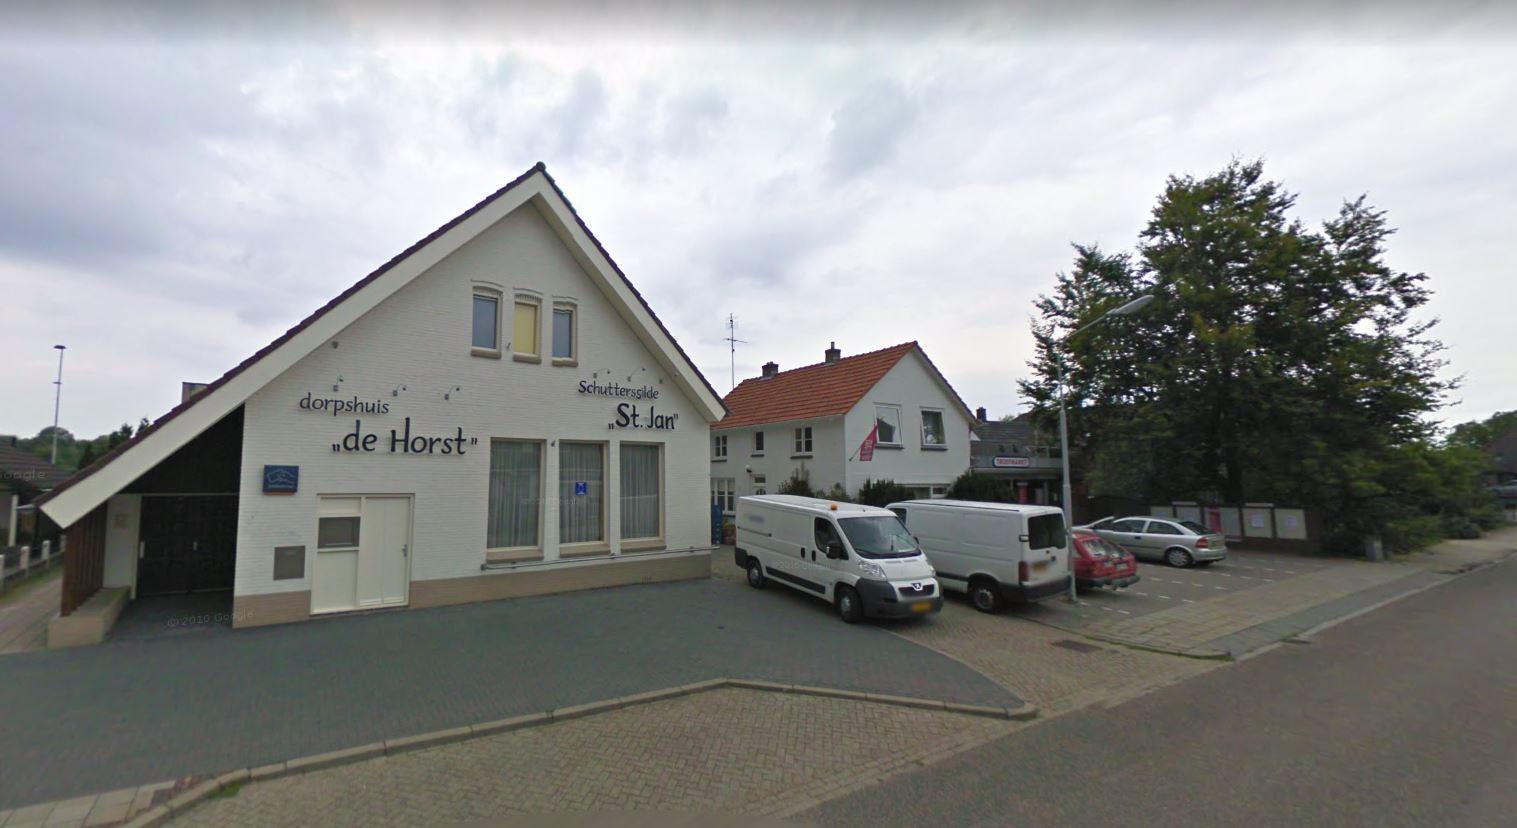 Dorpshuis De Horst in Keijenborg.